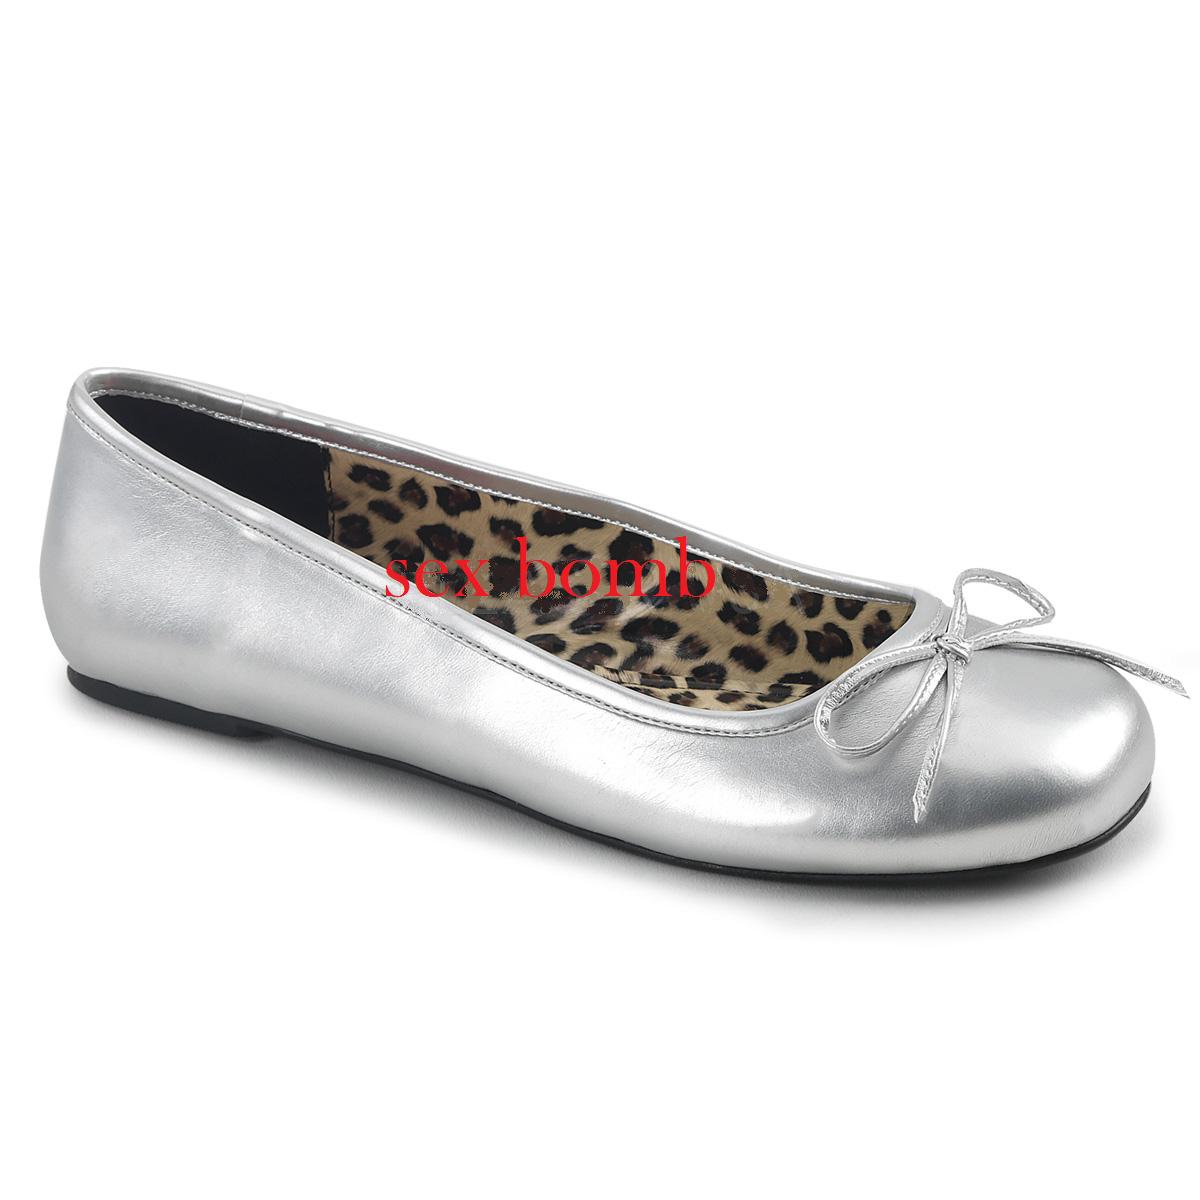 Sexy BALLERINE ARGENTO dal 39 al 46 ARGENTO BALLERINE fiocchetto tacco flat scarpe GLAMOUR Chic eae70e